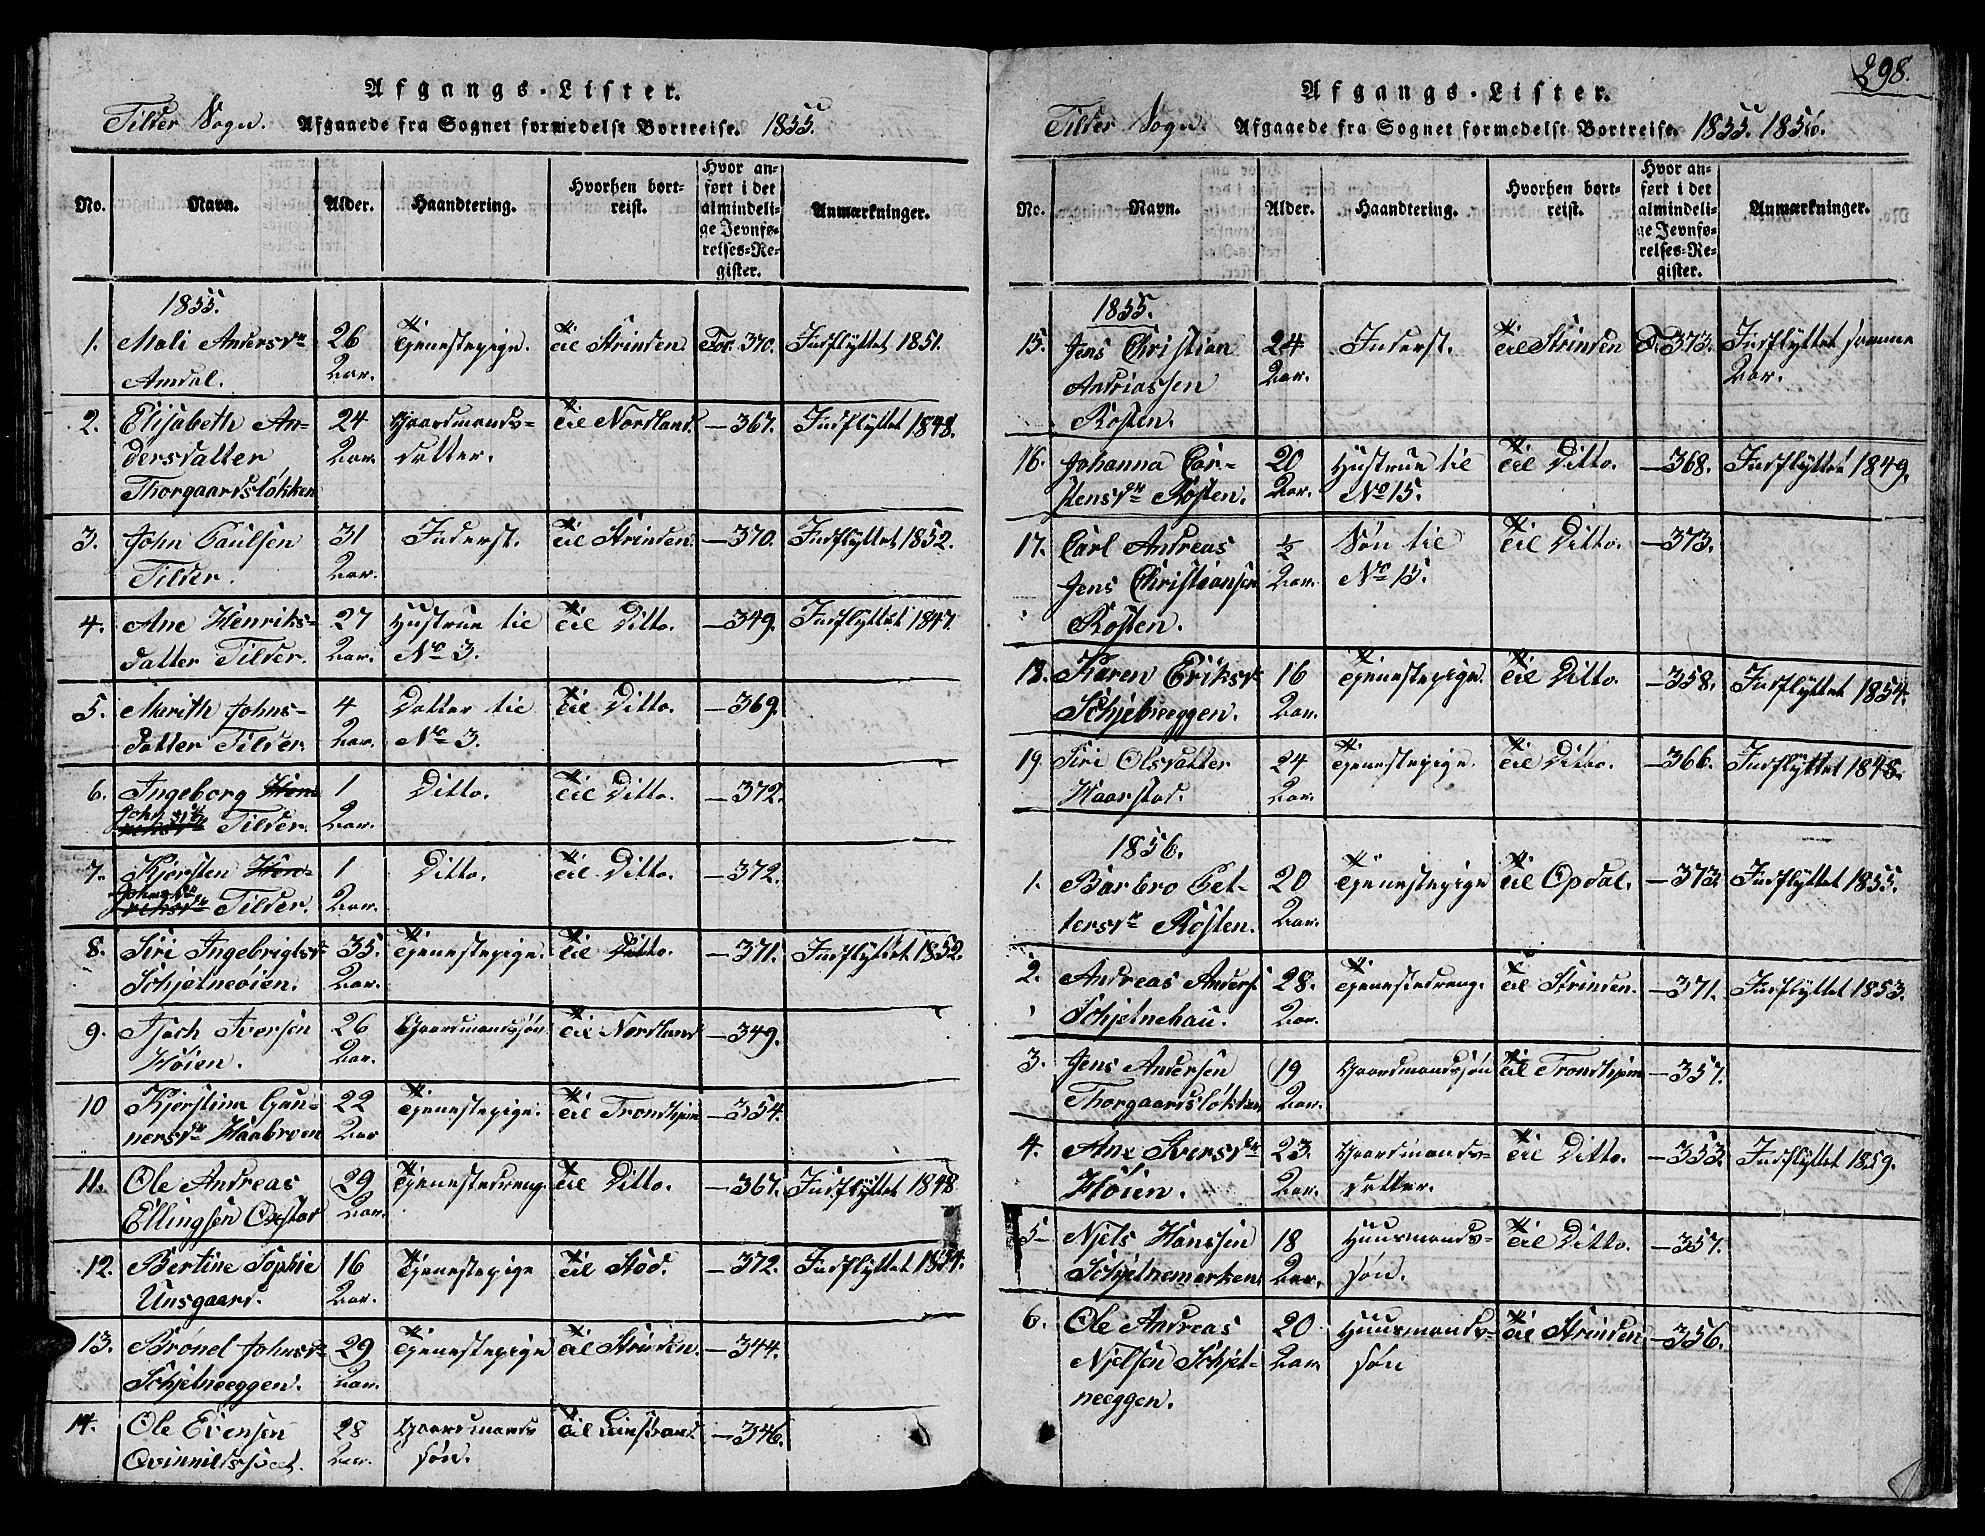 SAT, Ministerialprotokoller, klokkerbøker og fødselsregistre - Sør-Trøndelag, 621/L0458: Klokkerbok nr. 621C01, 1816-1865, s. 298